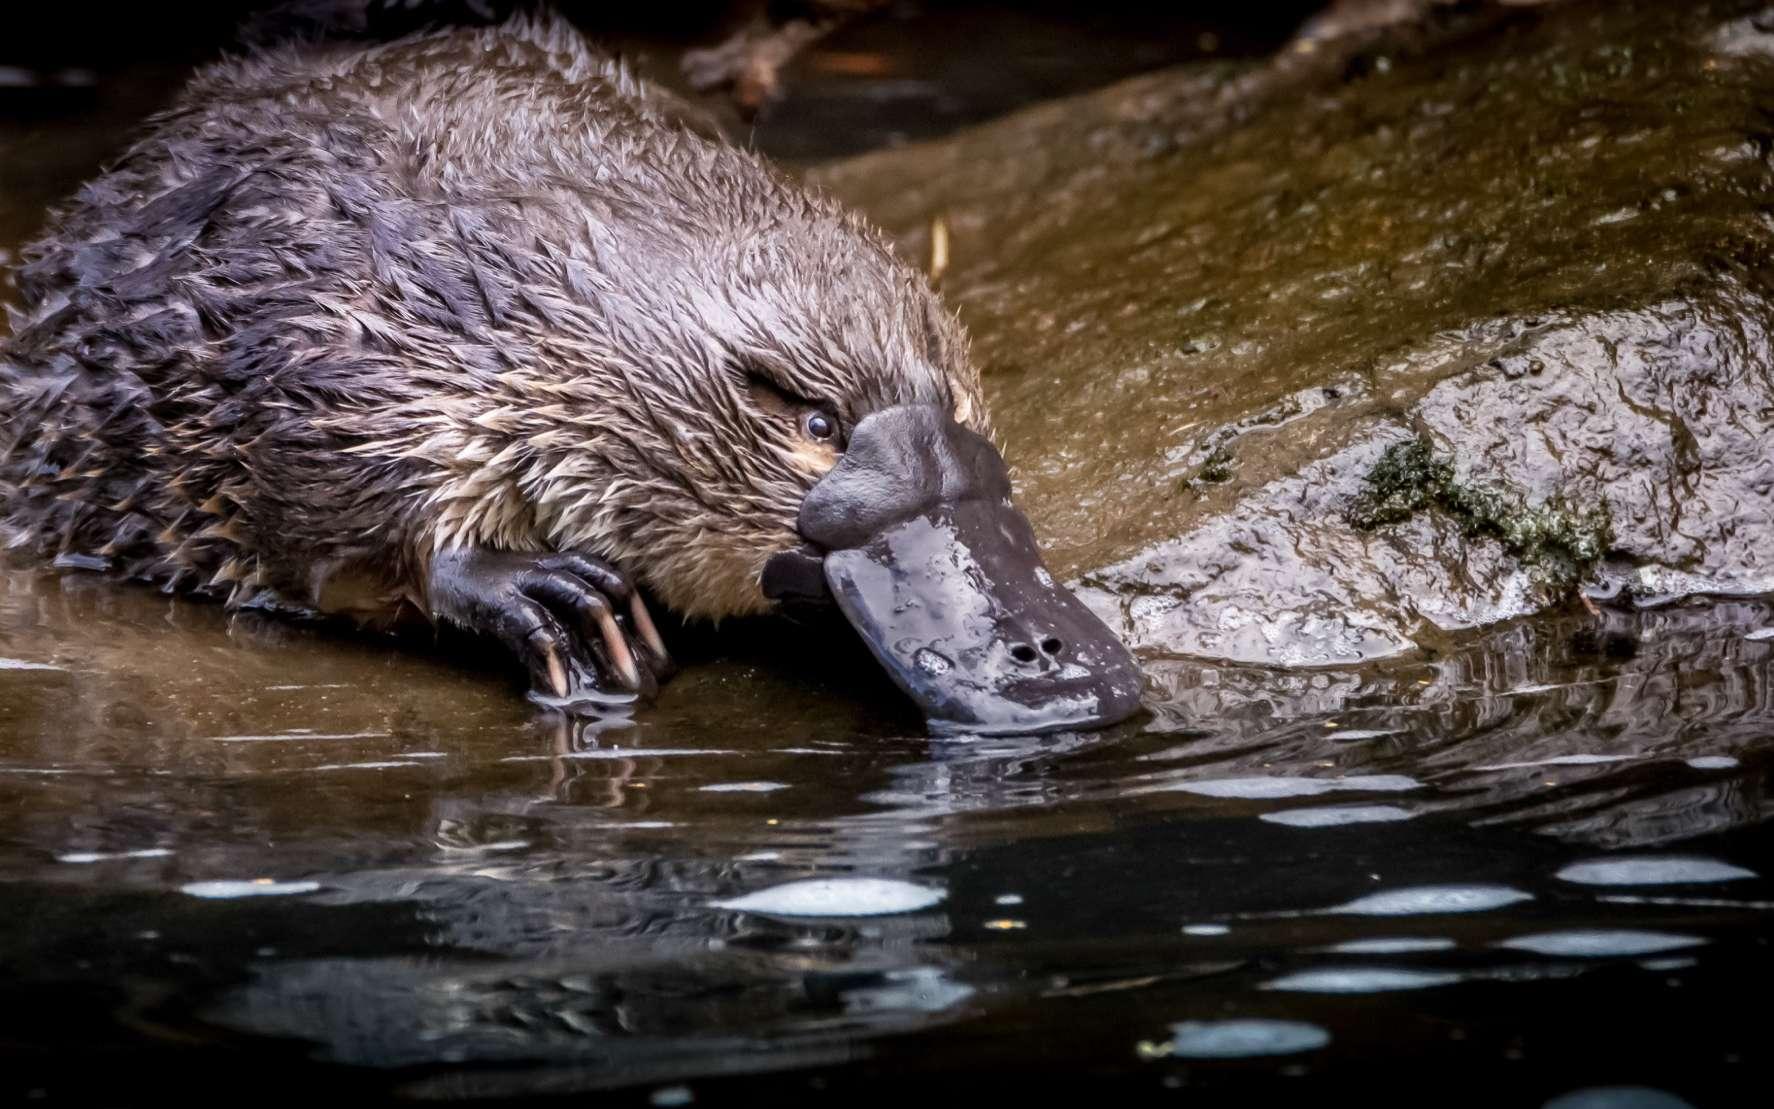 En Australie, l'ornithorynque est sous forte pression à cause du climat. © Ash, Adobe Stock